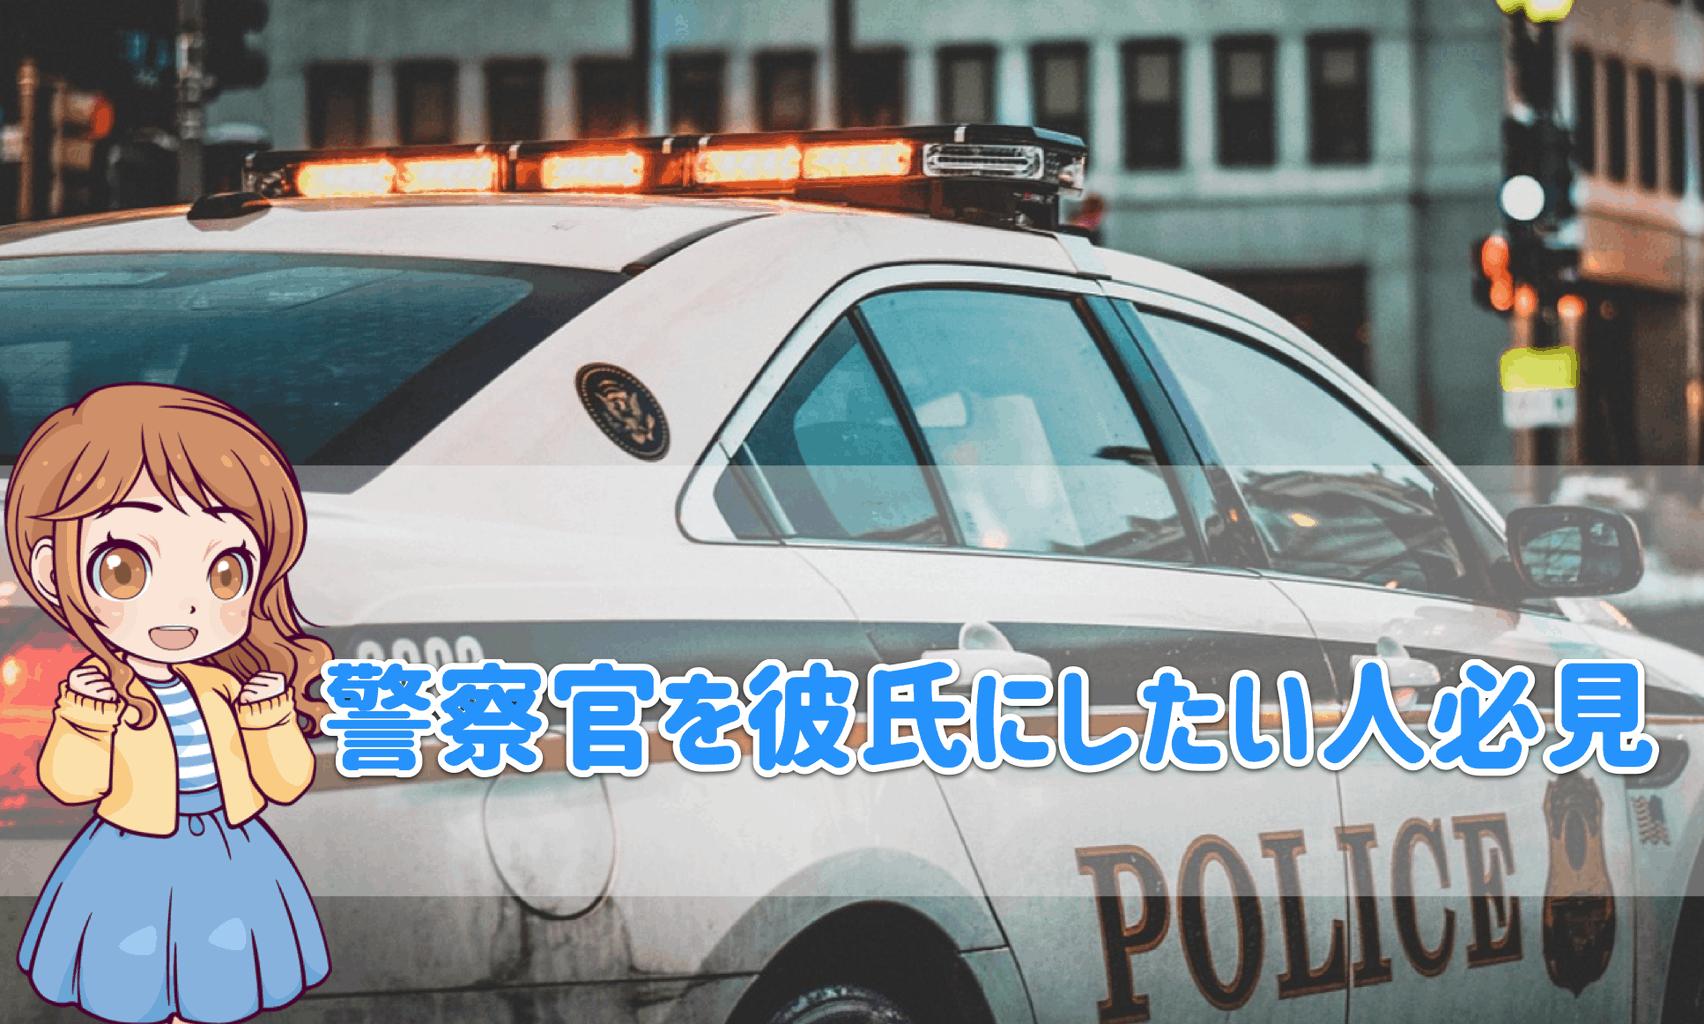 警察官と出会いたい人のアイキャッチ